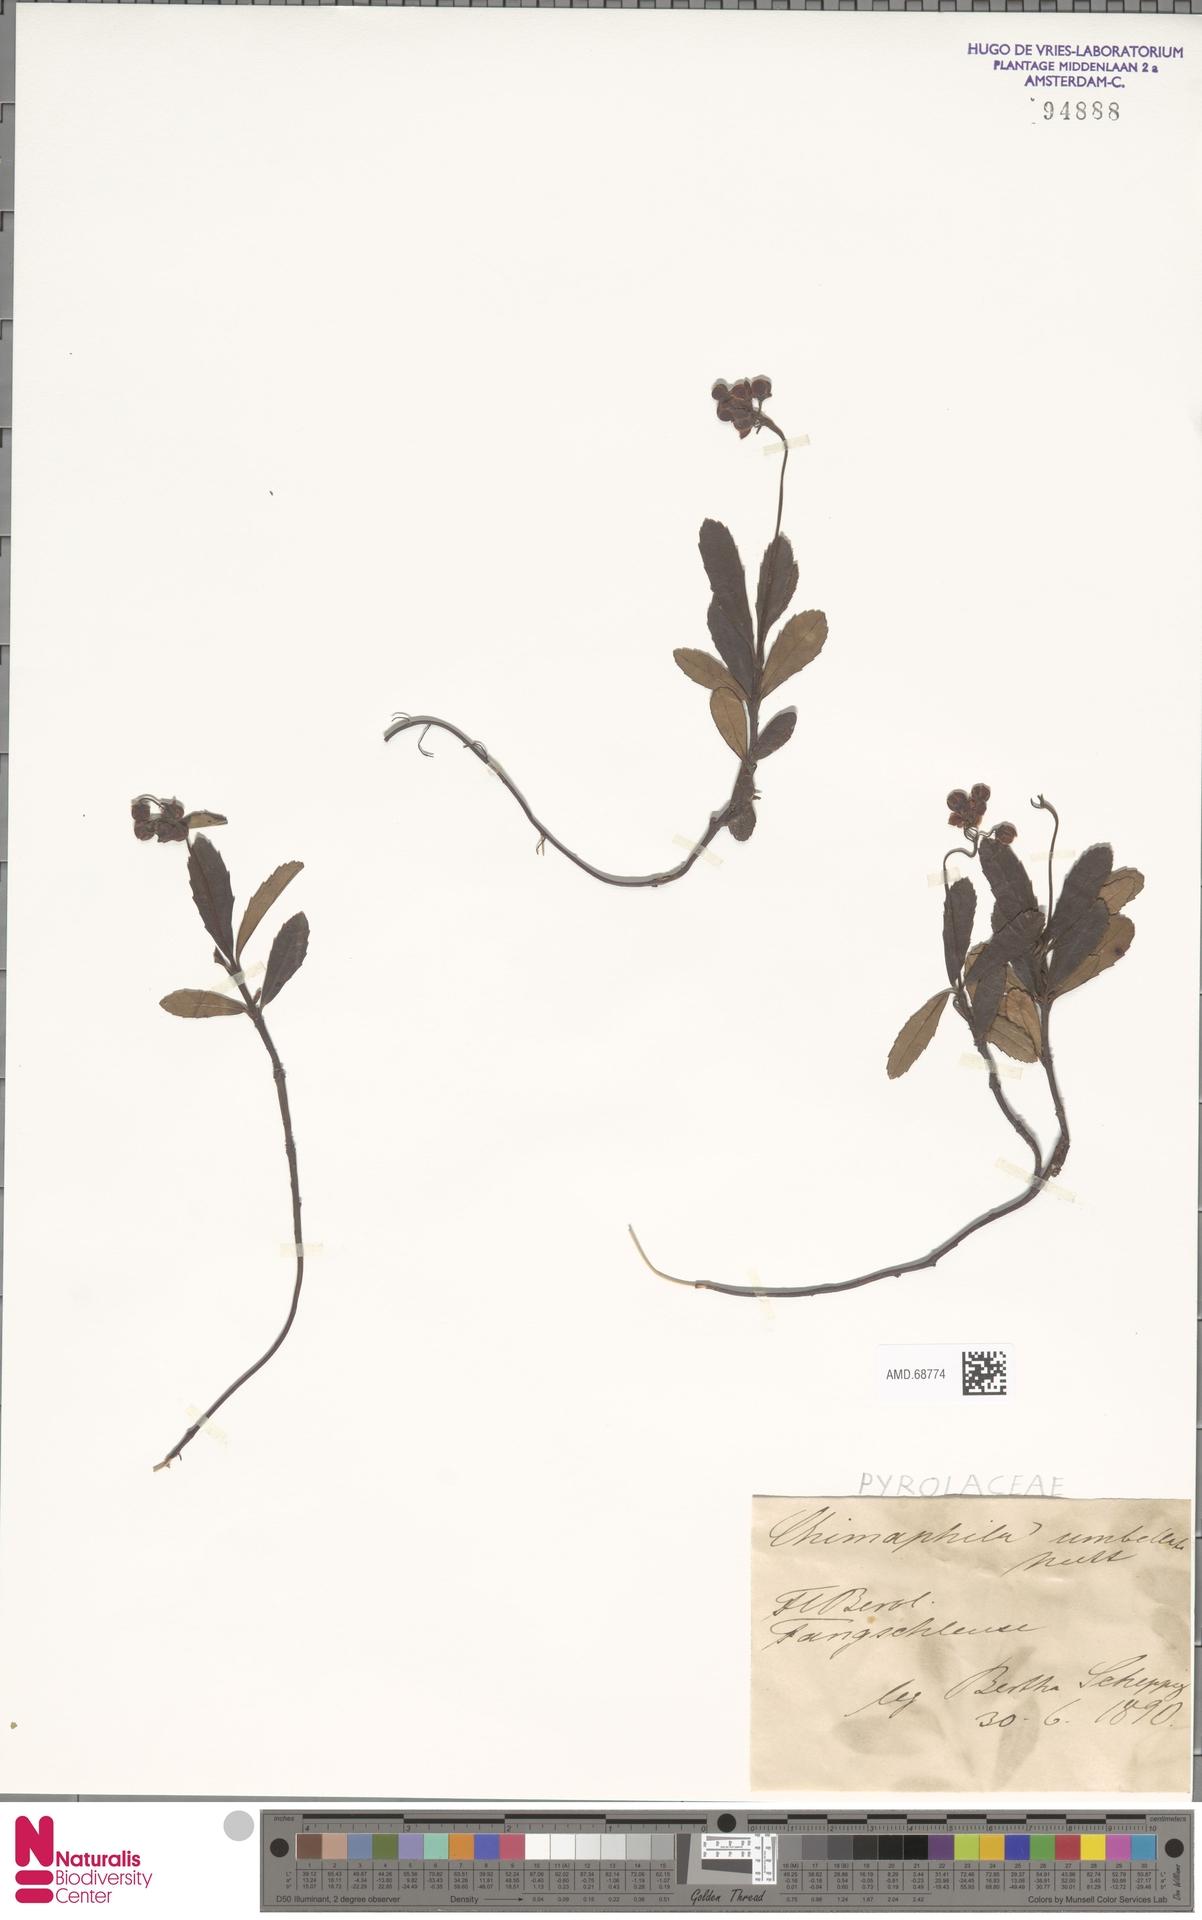 AMD.68774 | Chimaphila umbellata (L.) W.C.Barton